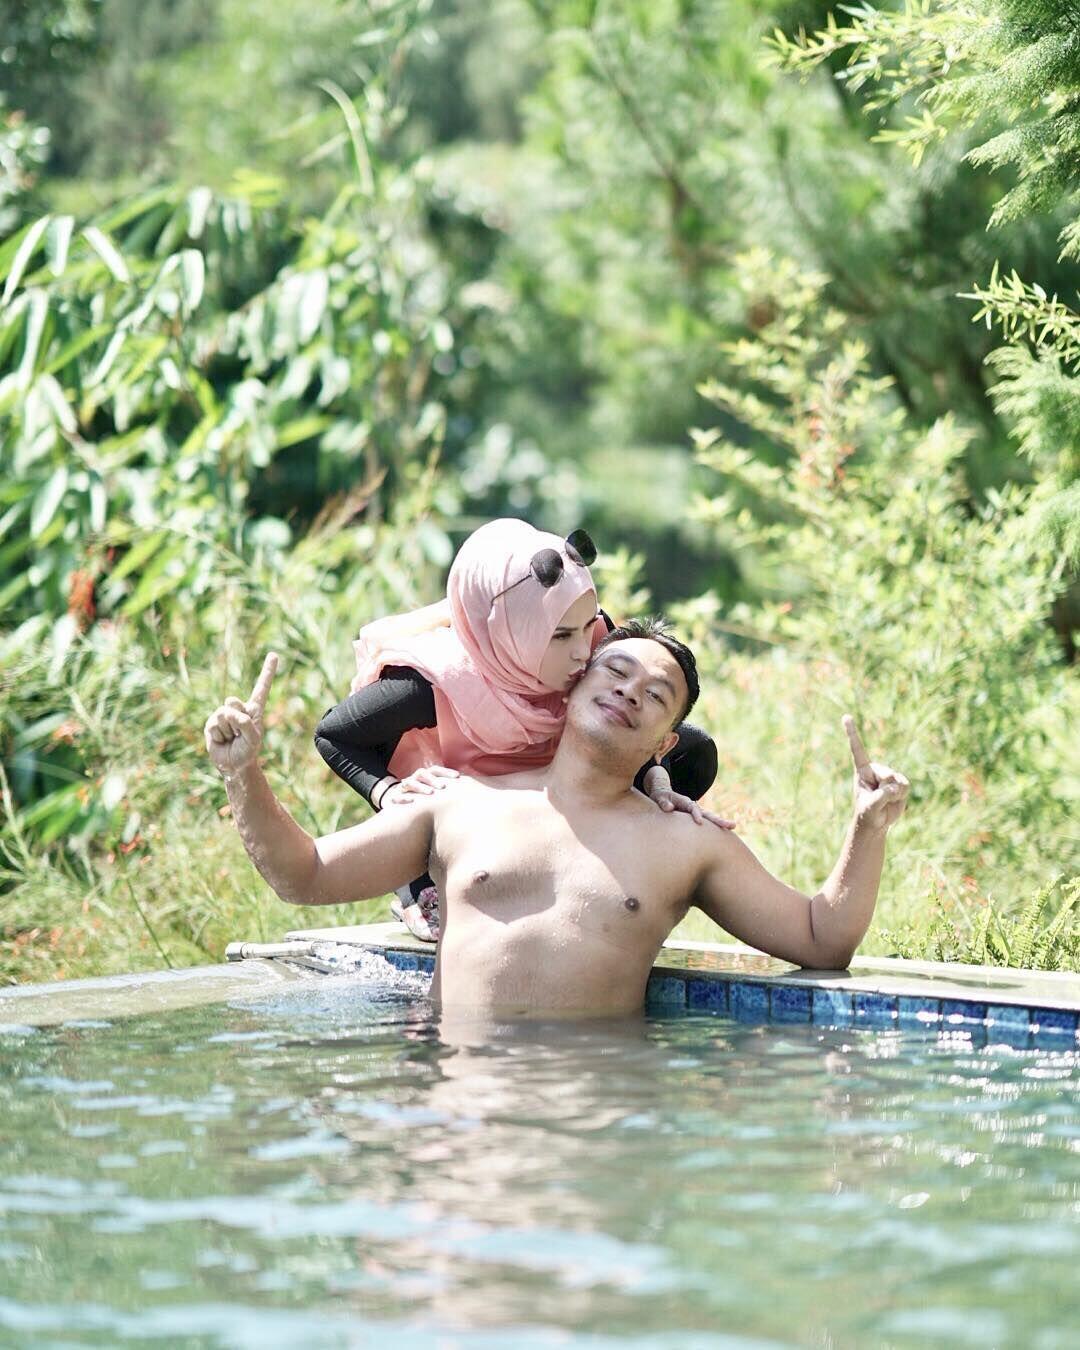 Sempat Dikira Settingan, 10 Potret Mesra Vicky Prasetyo & Angel Lelga